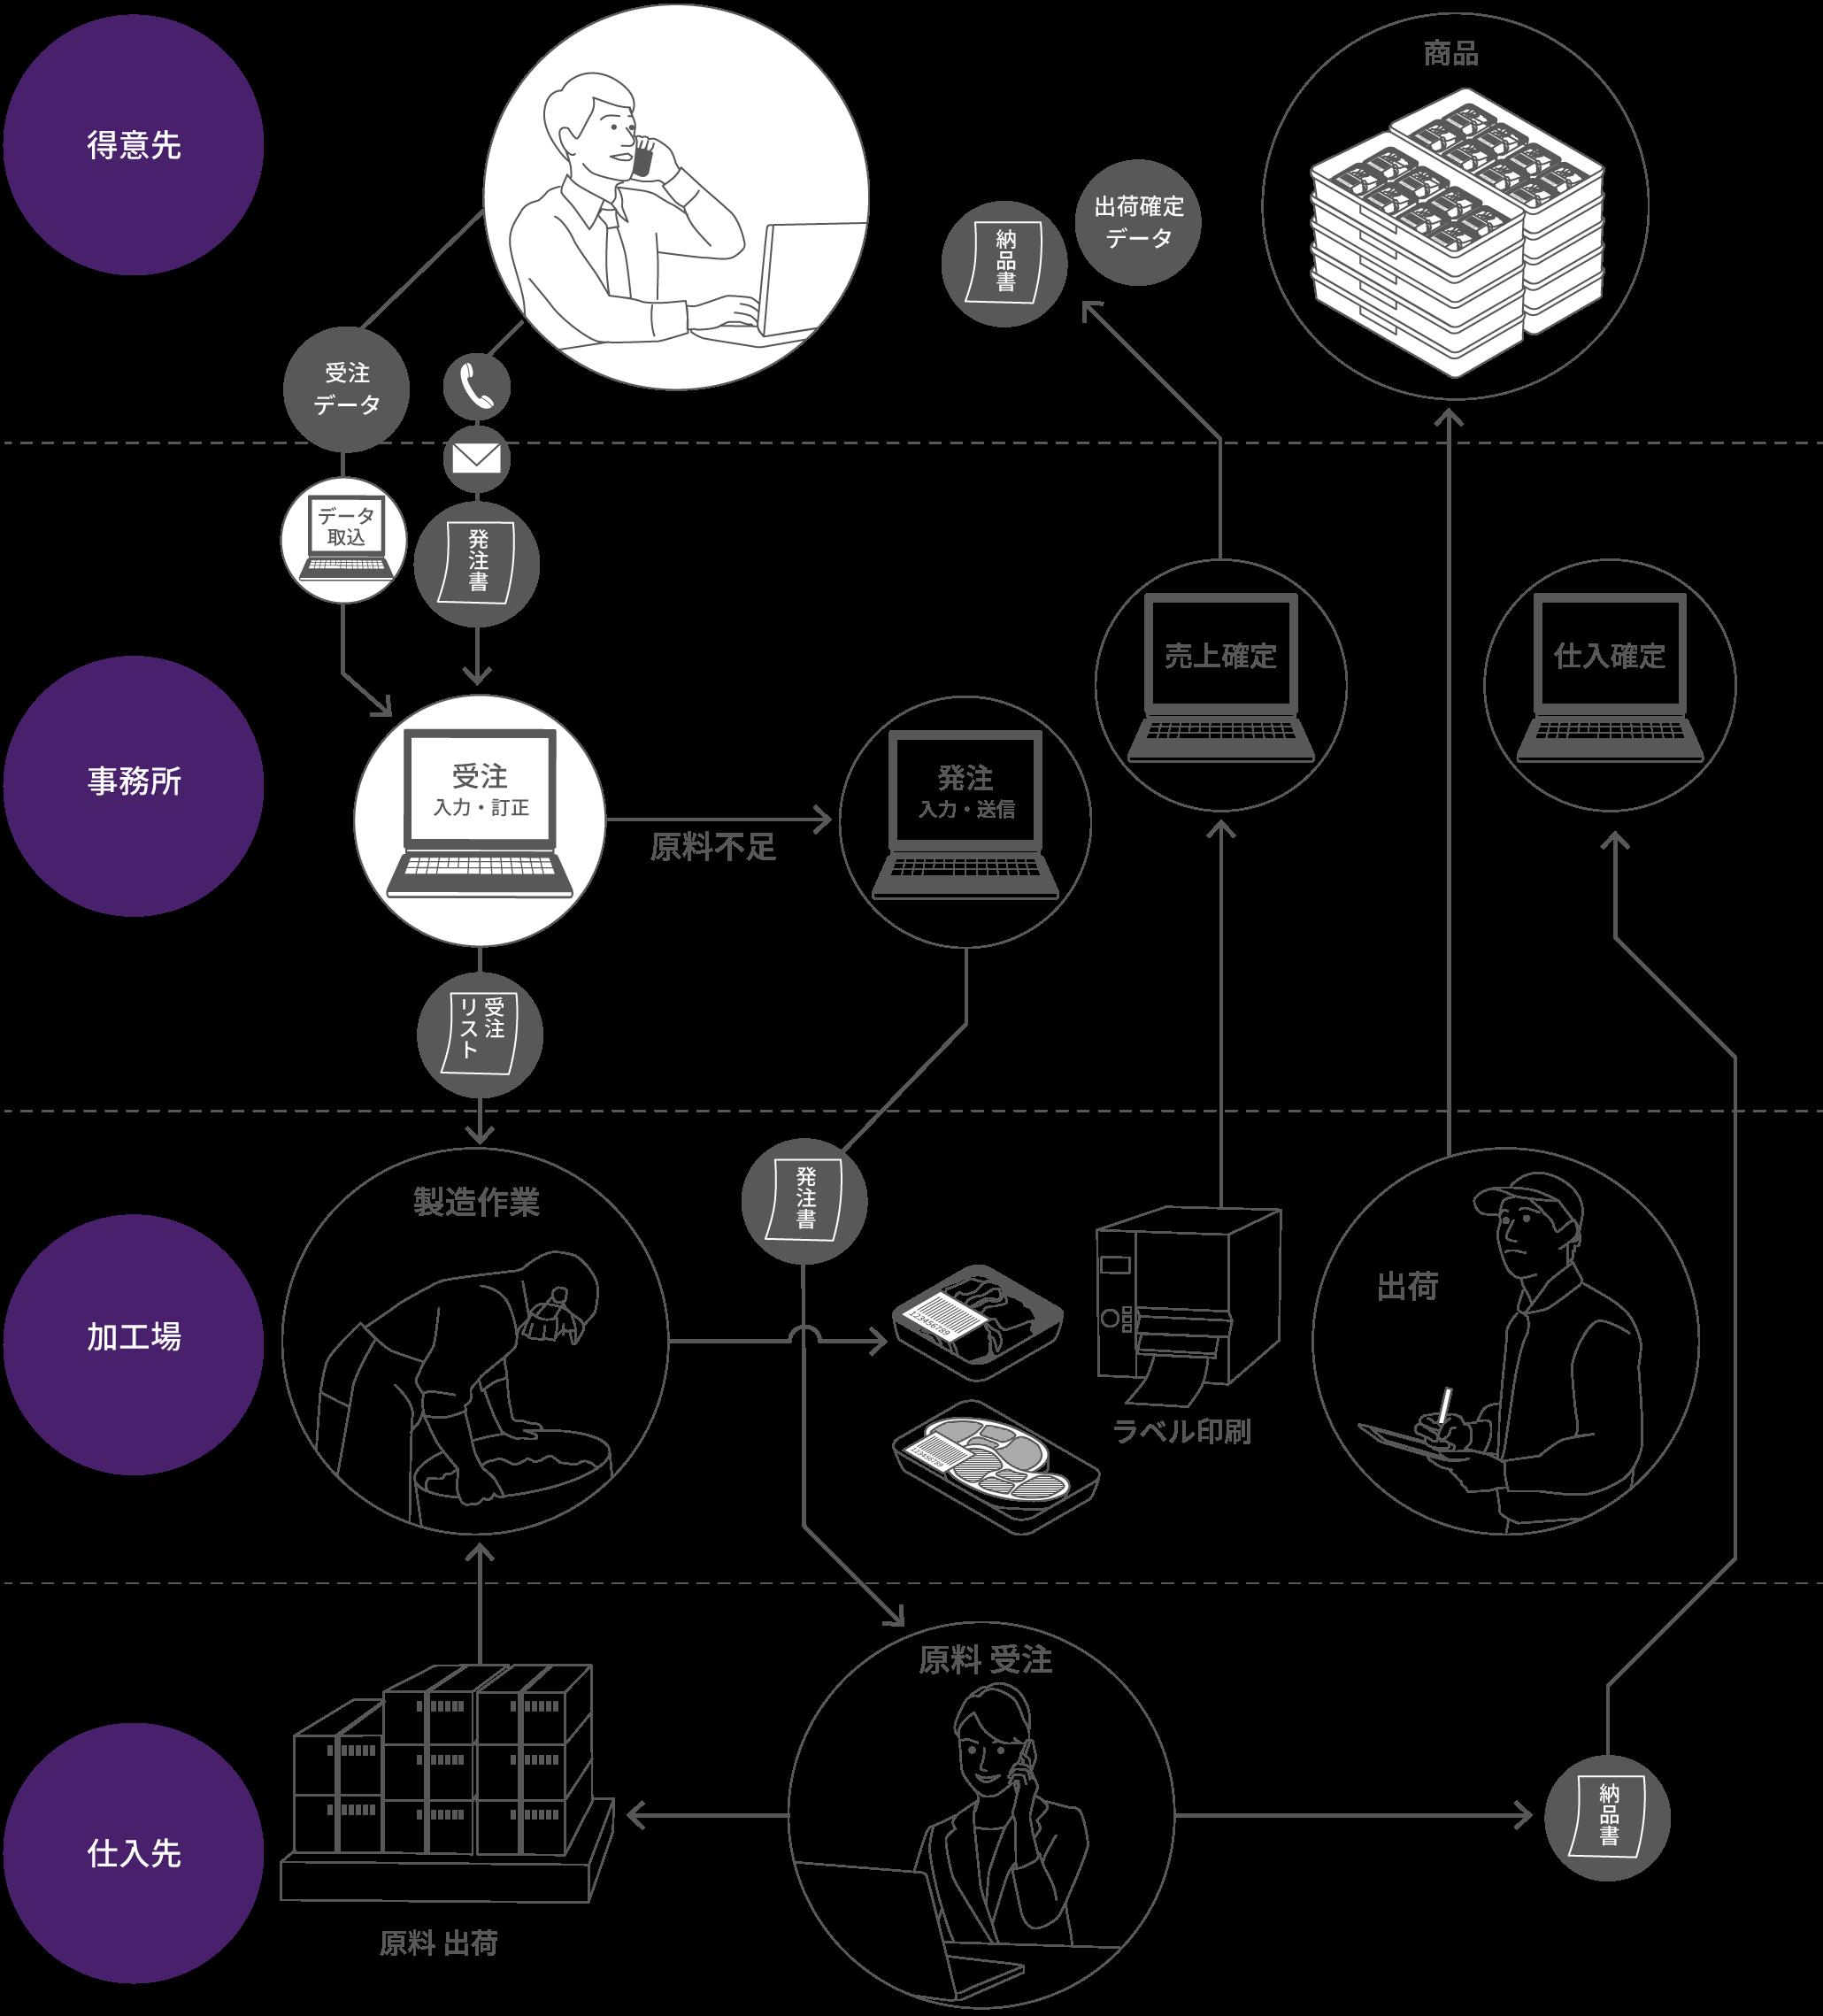 食品加工分野のシステム構成図 例